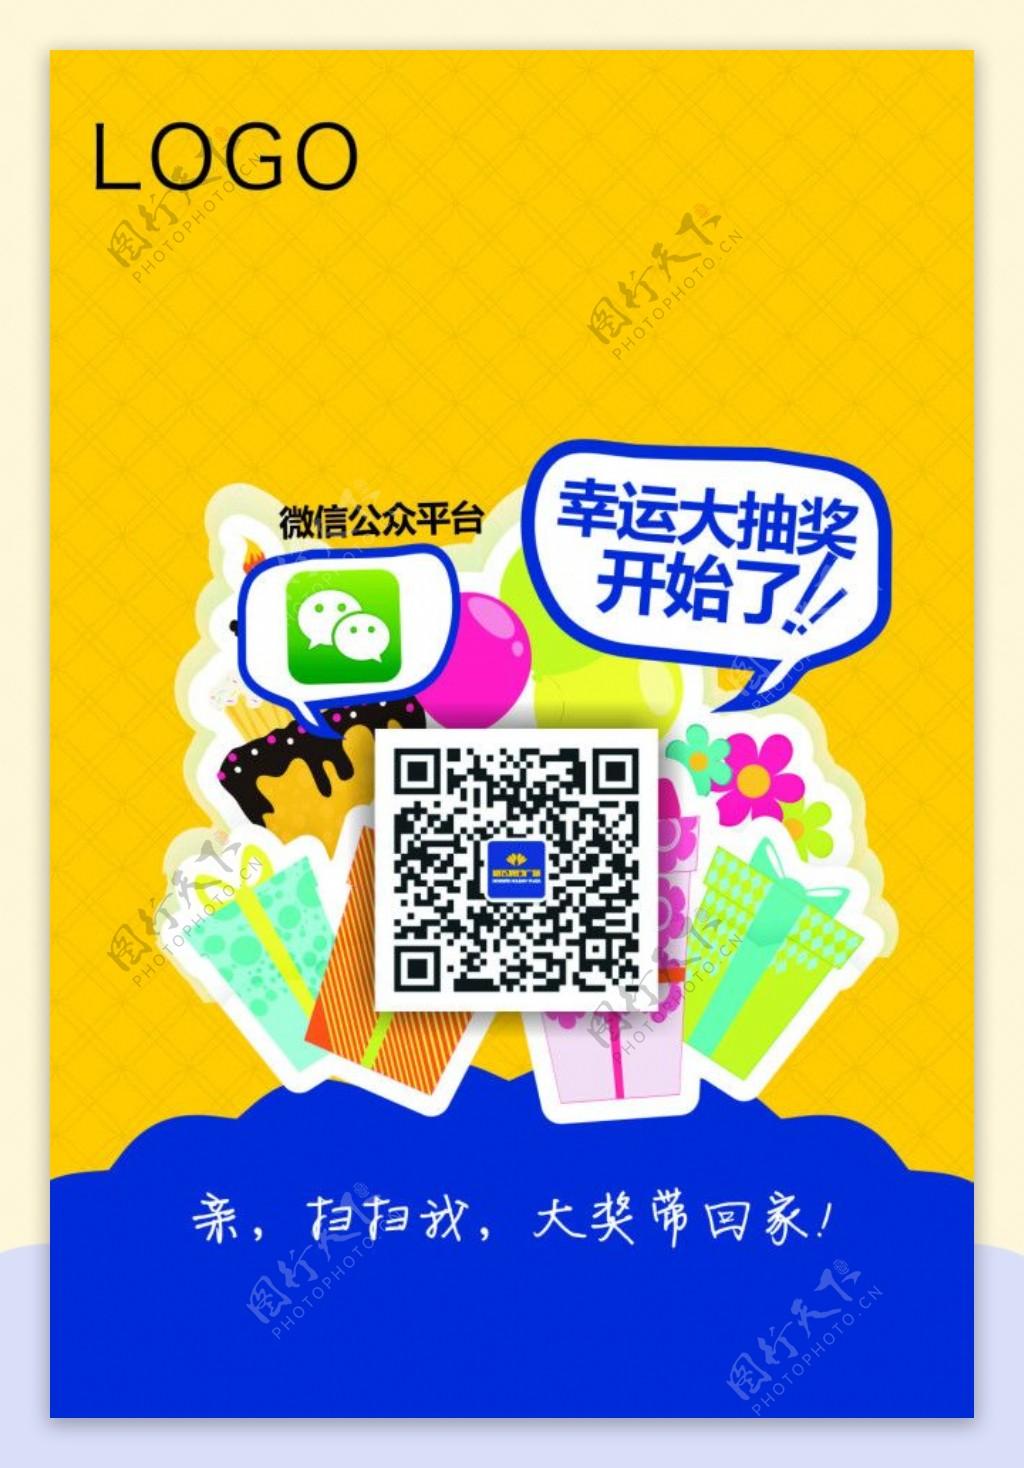 微信活动抽奖海报